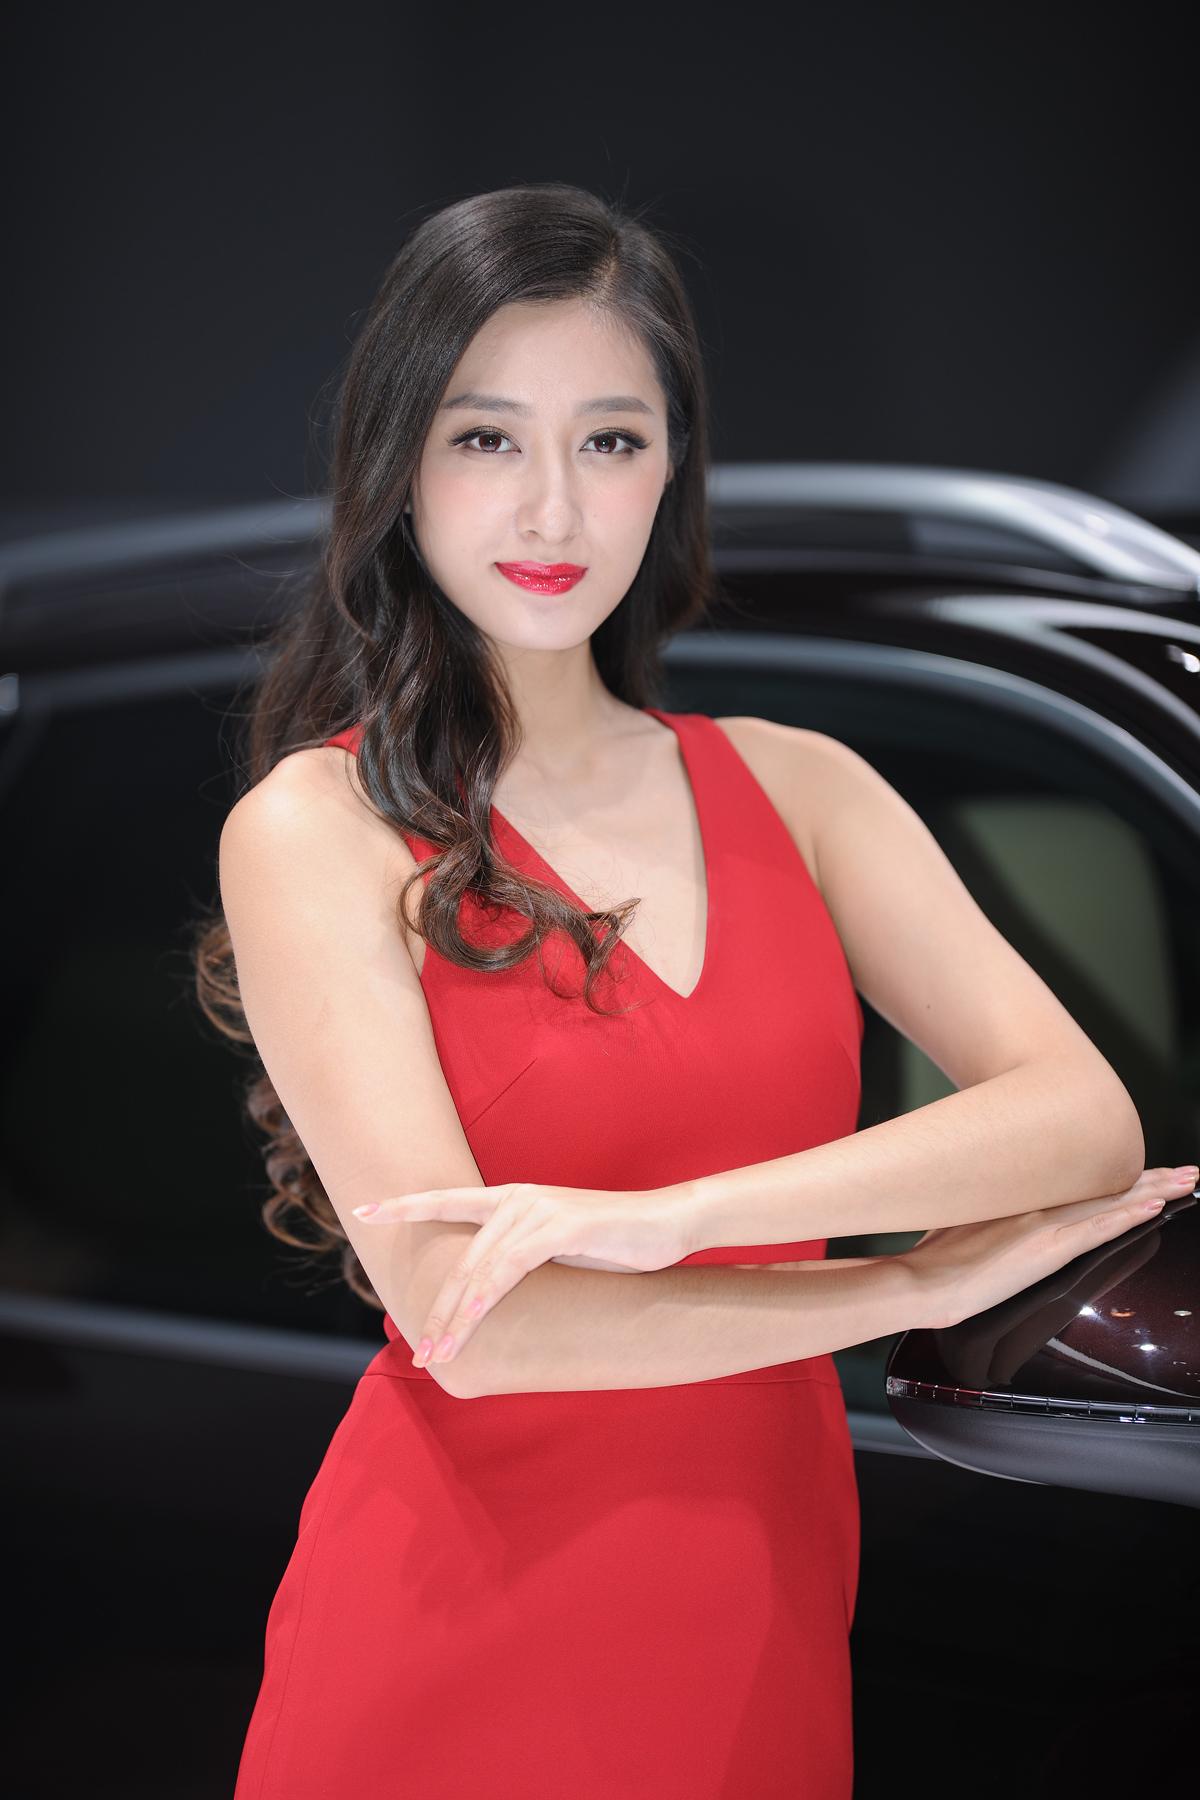 名模_2014广州国际车展 靓丽车模风格迥异_WOMOTE官网_长沙模特网_长沙 ...